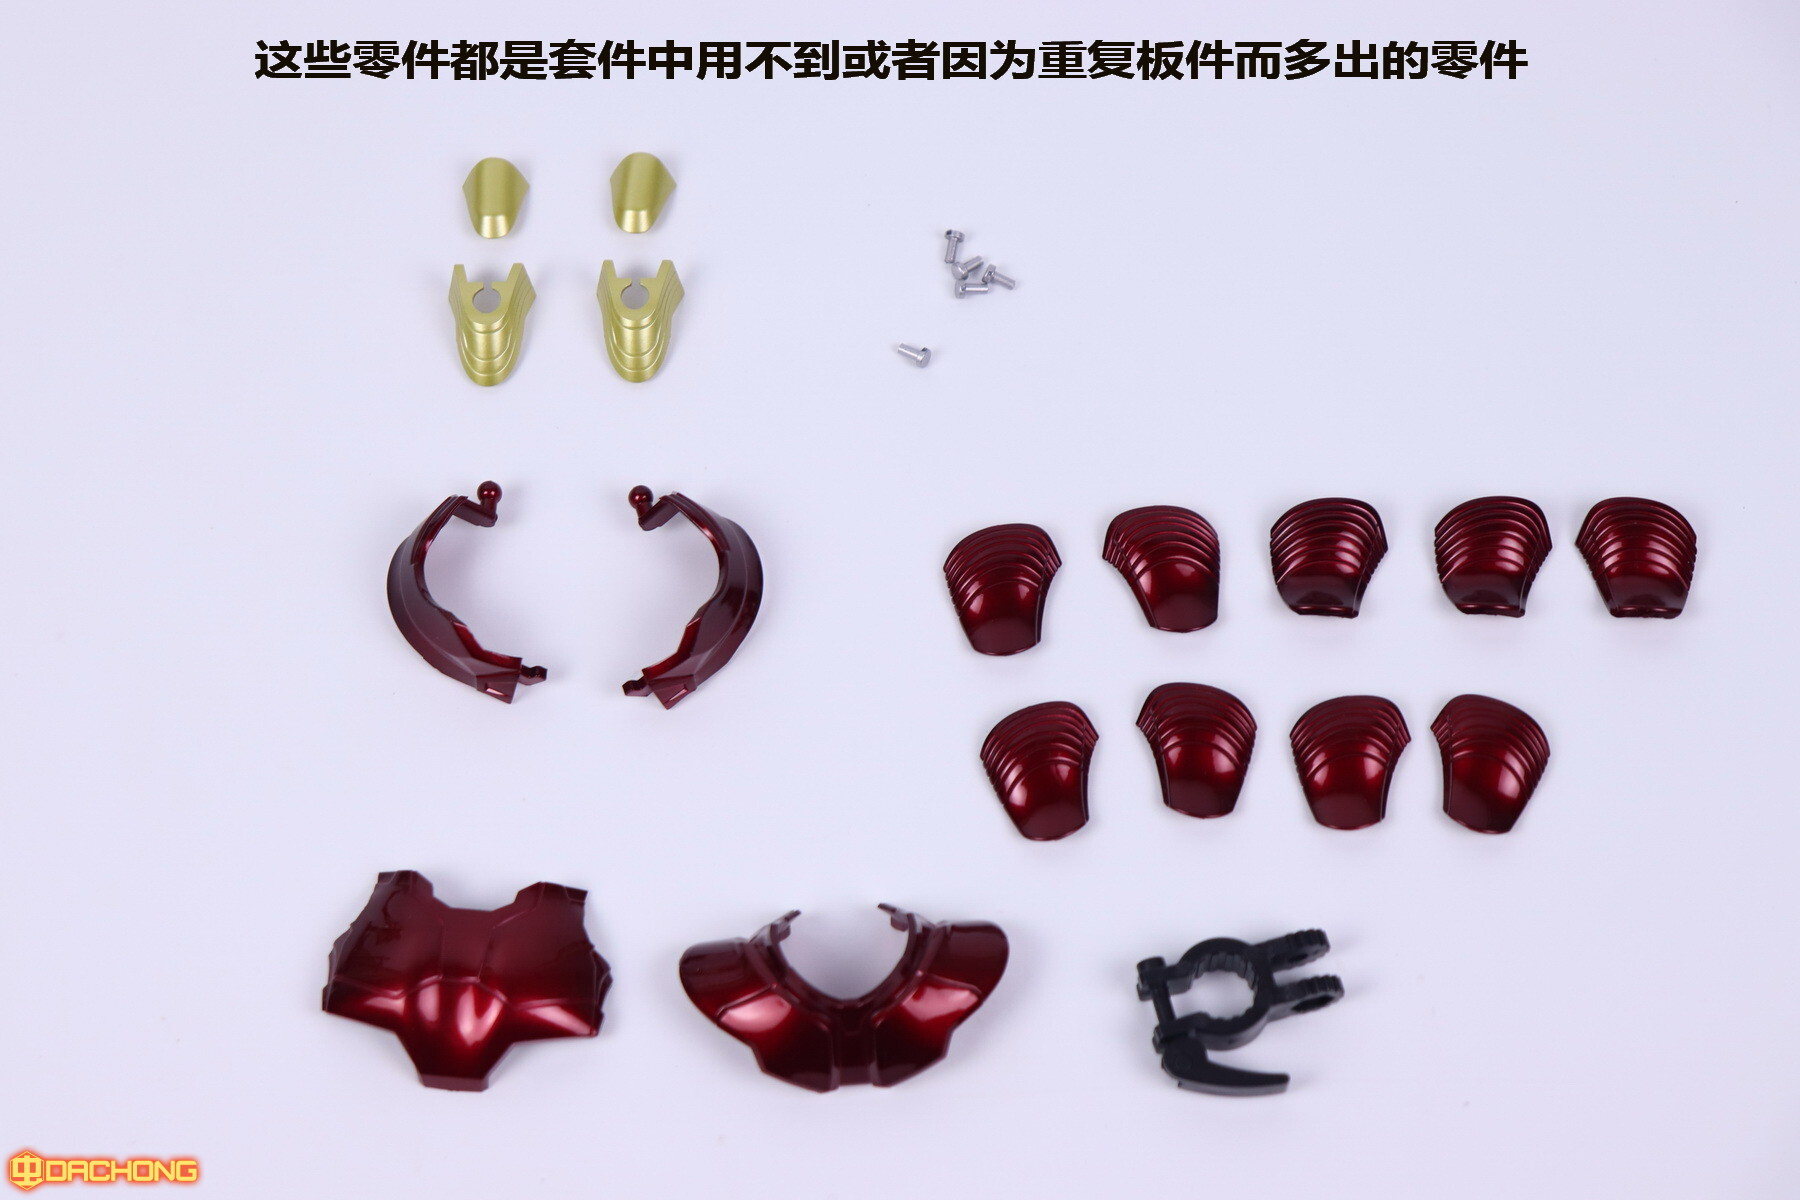 S498_2_e_model_ironman_mk85_dx_062.jpg